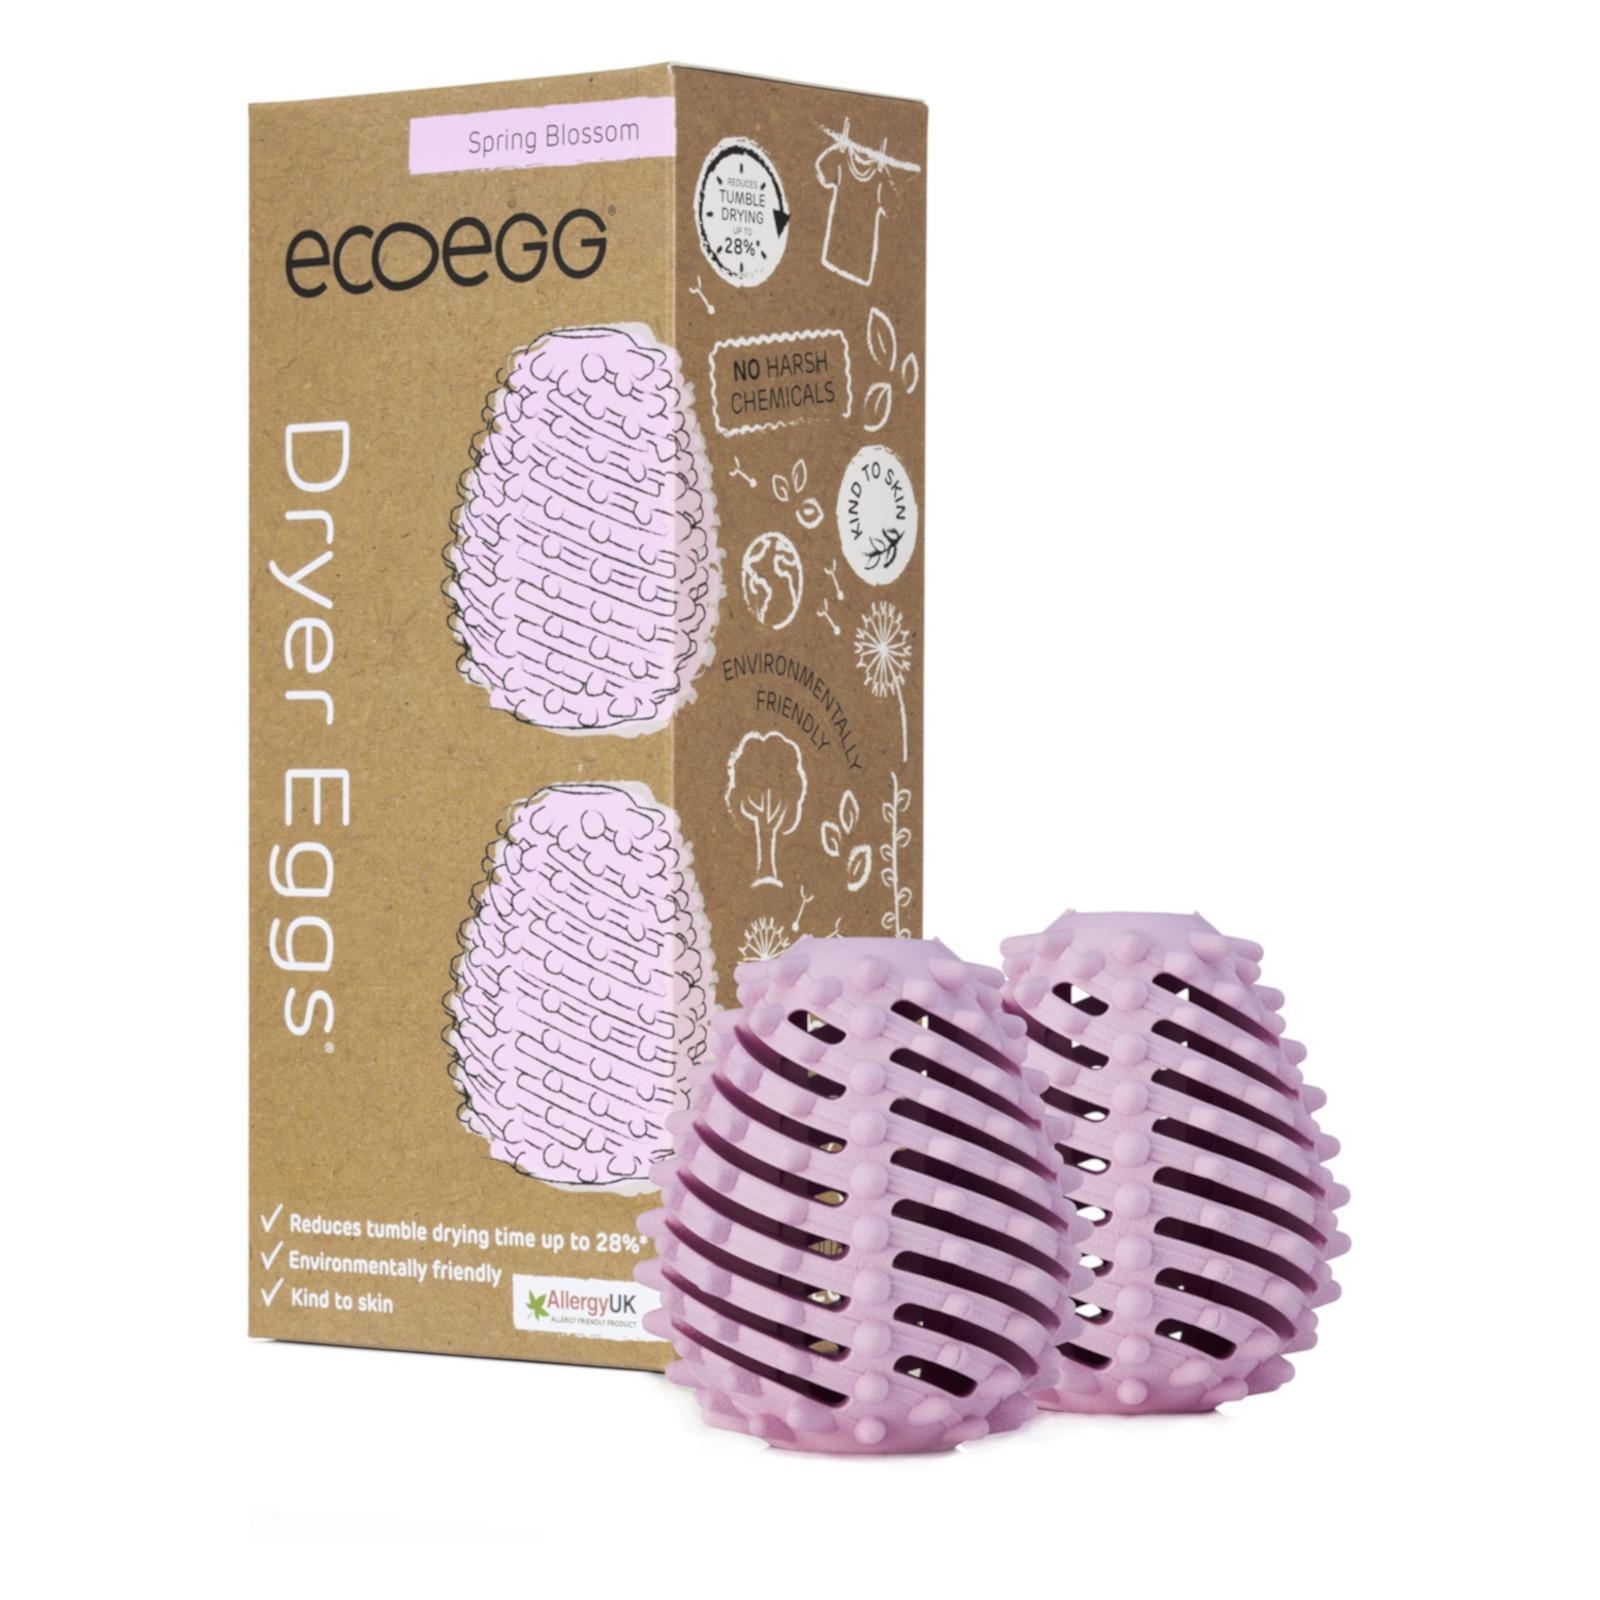 Ecoegg Vajíčko do sušičky 2 ks, jarní květy